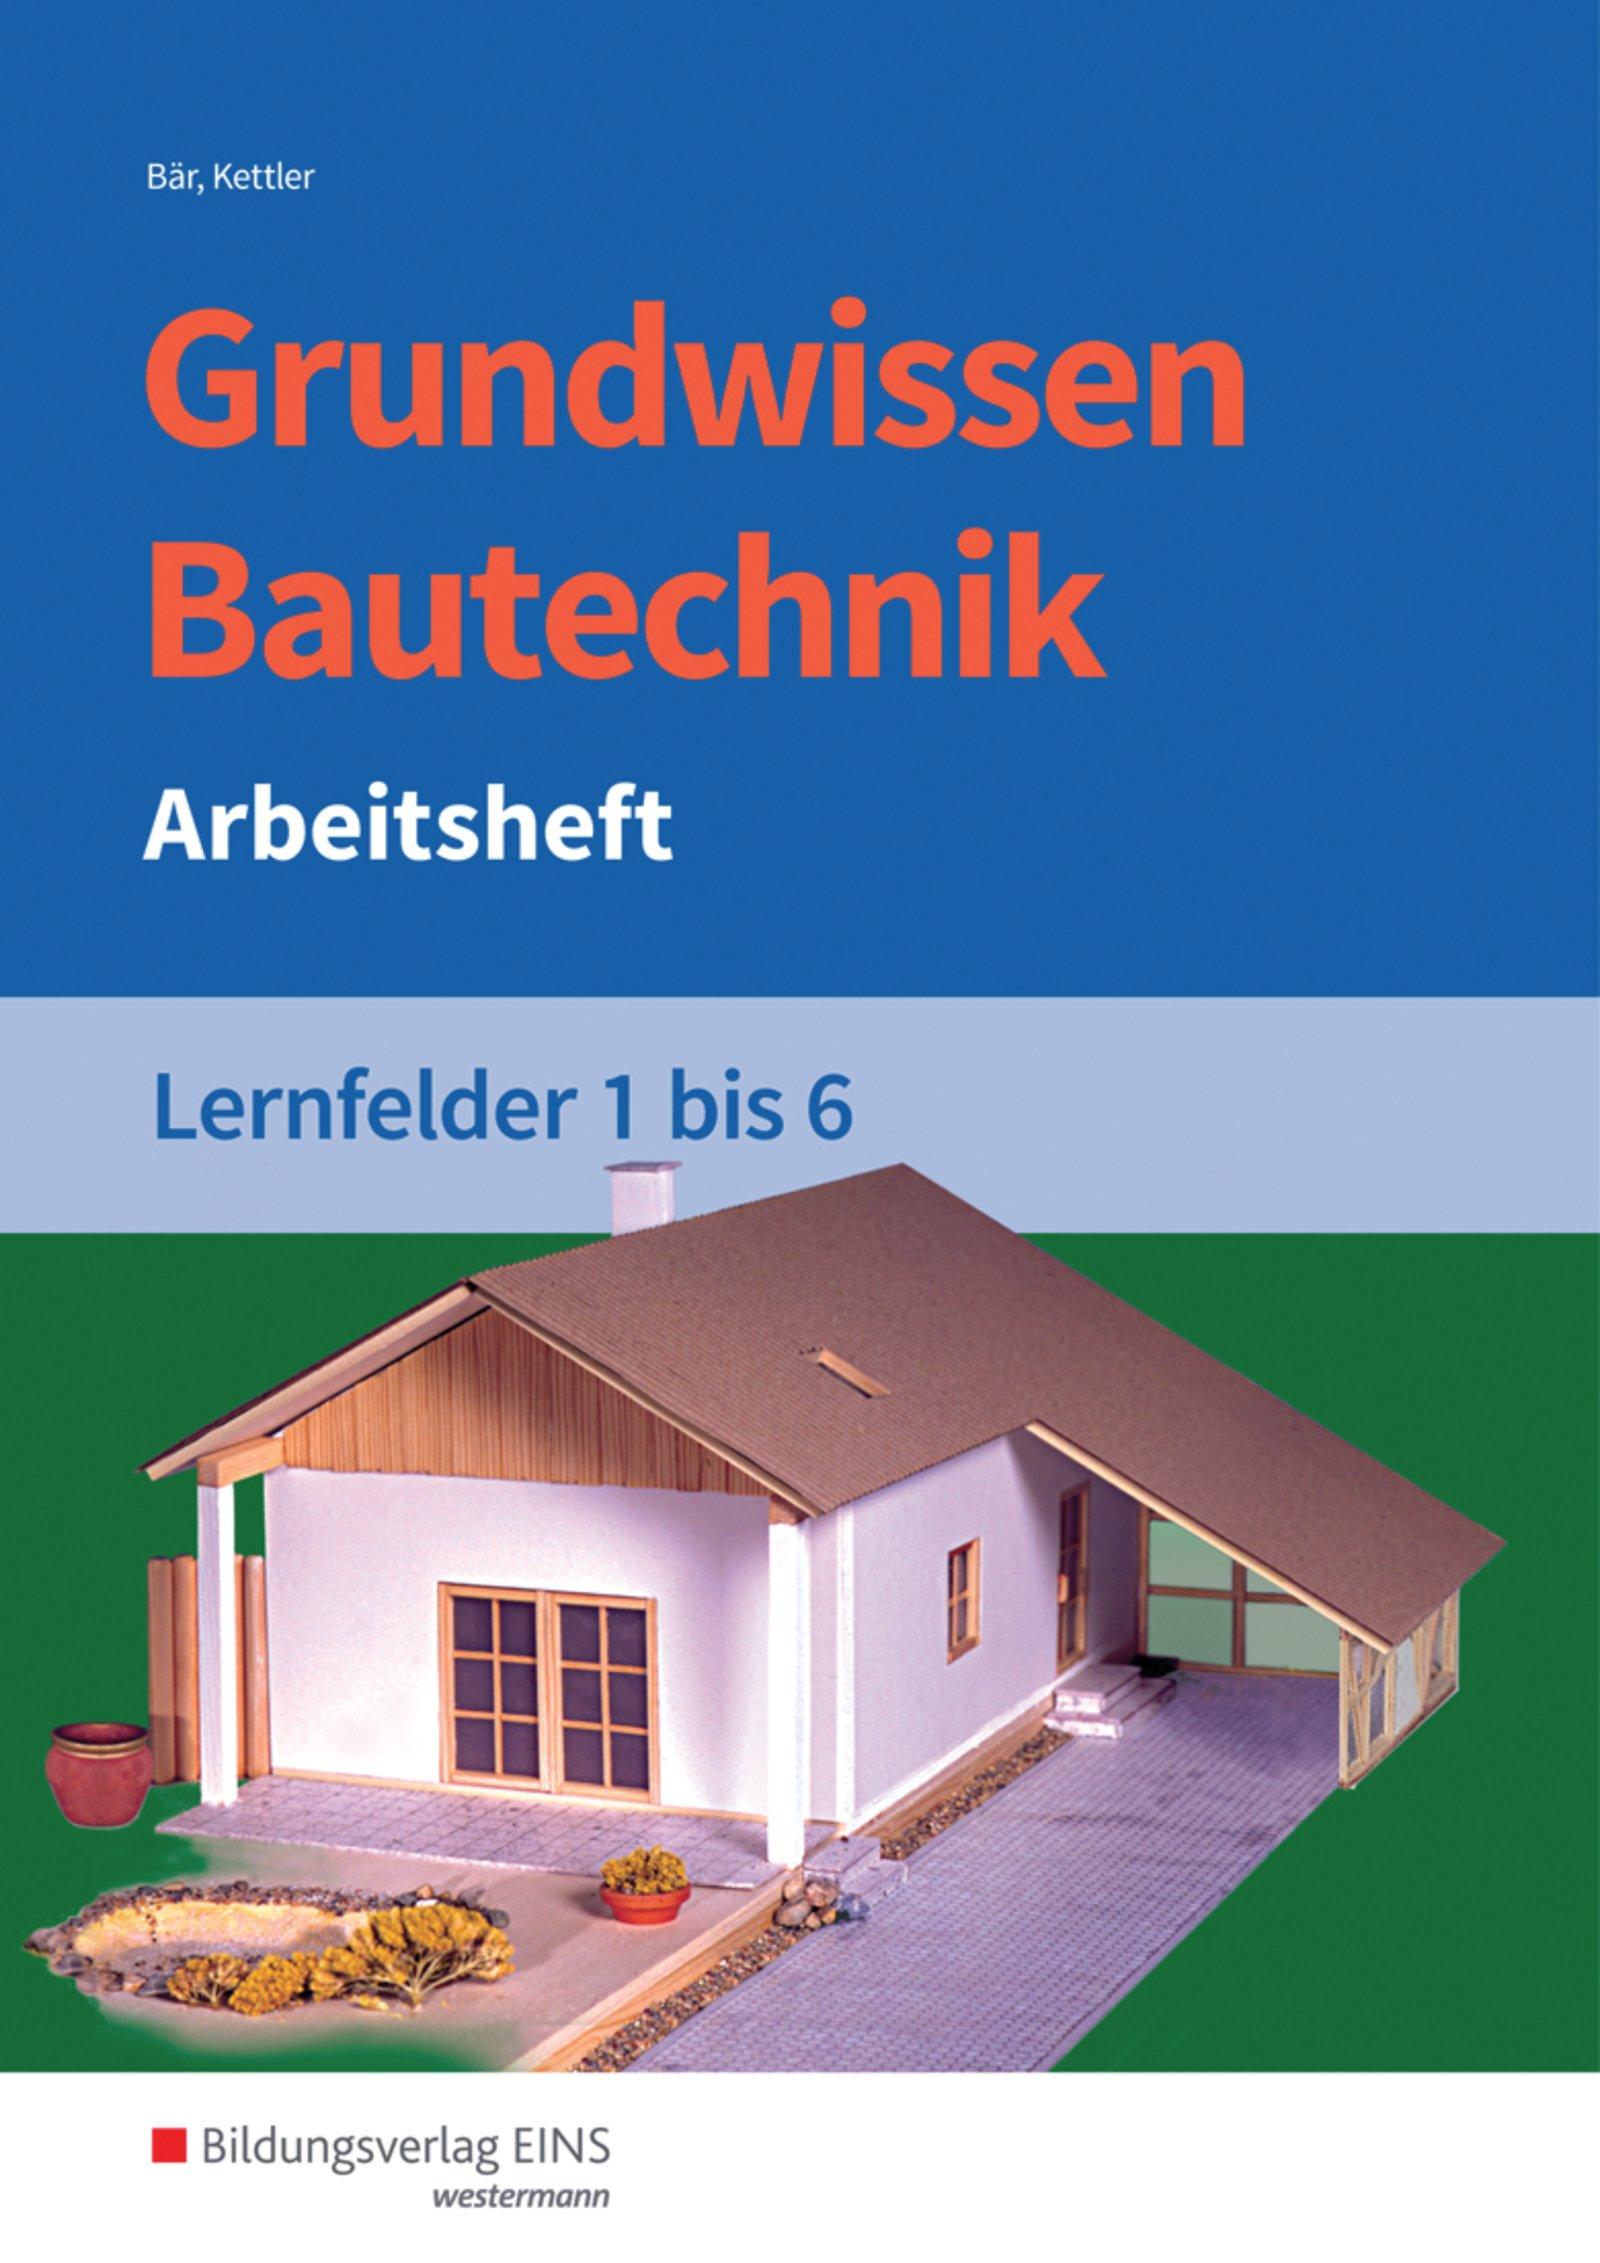 Grundwissen / Fachwissen Bautechnik: Grundwissen Bautechnik: Lernfelder 1-6: Arbeitsheft Taschenbuch – 1. Oktober 2017 Kurt Kettler Wolfgang Hipp Siegrid Hötger Wolfgang Noa